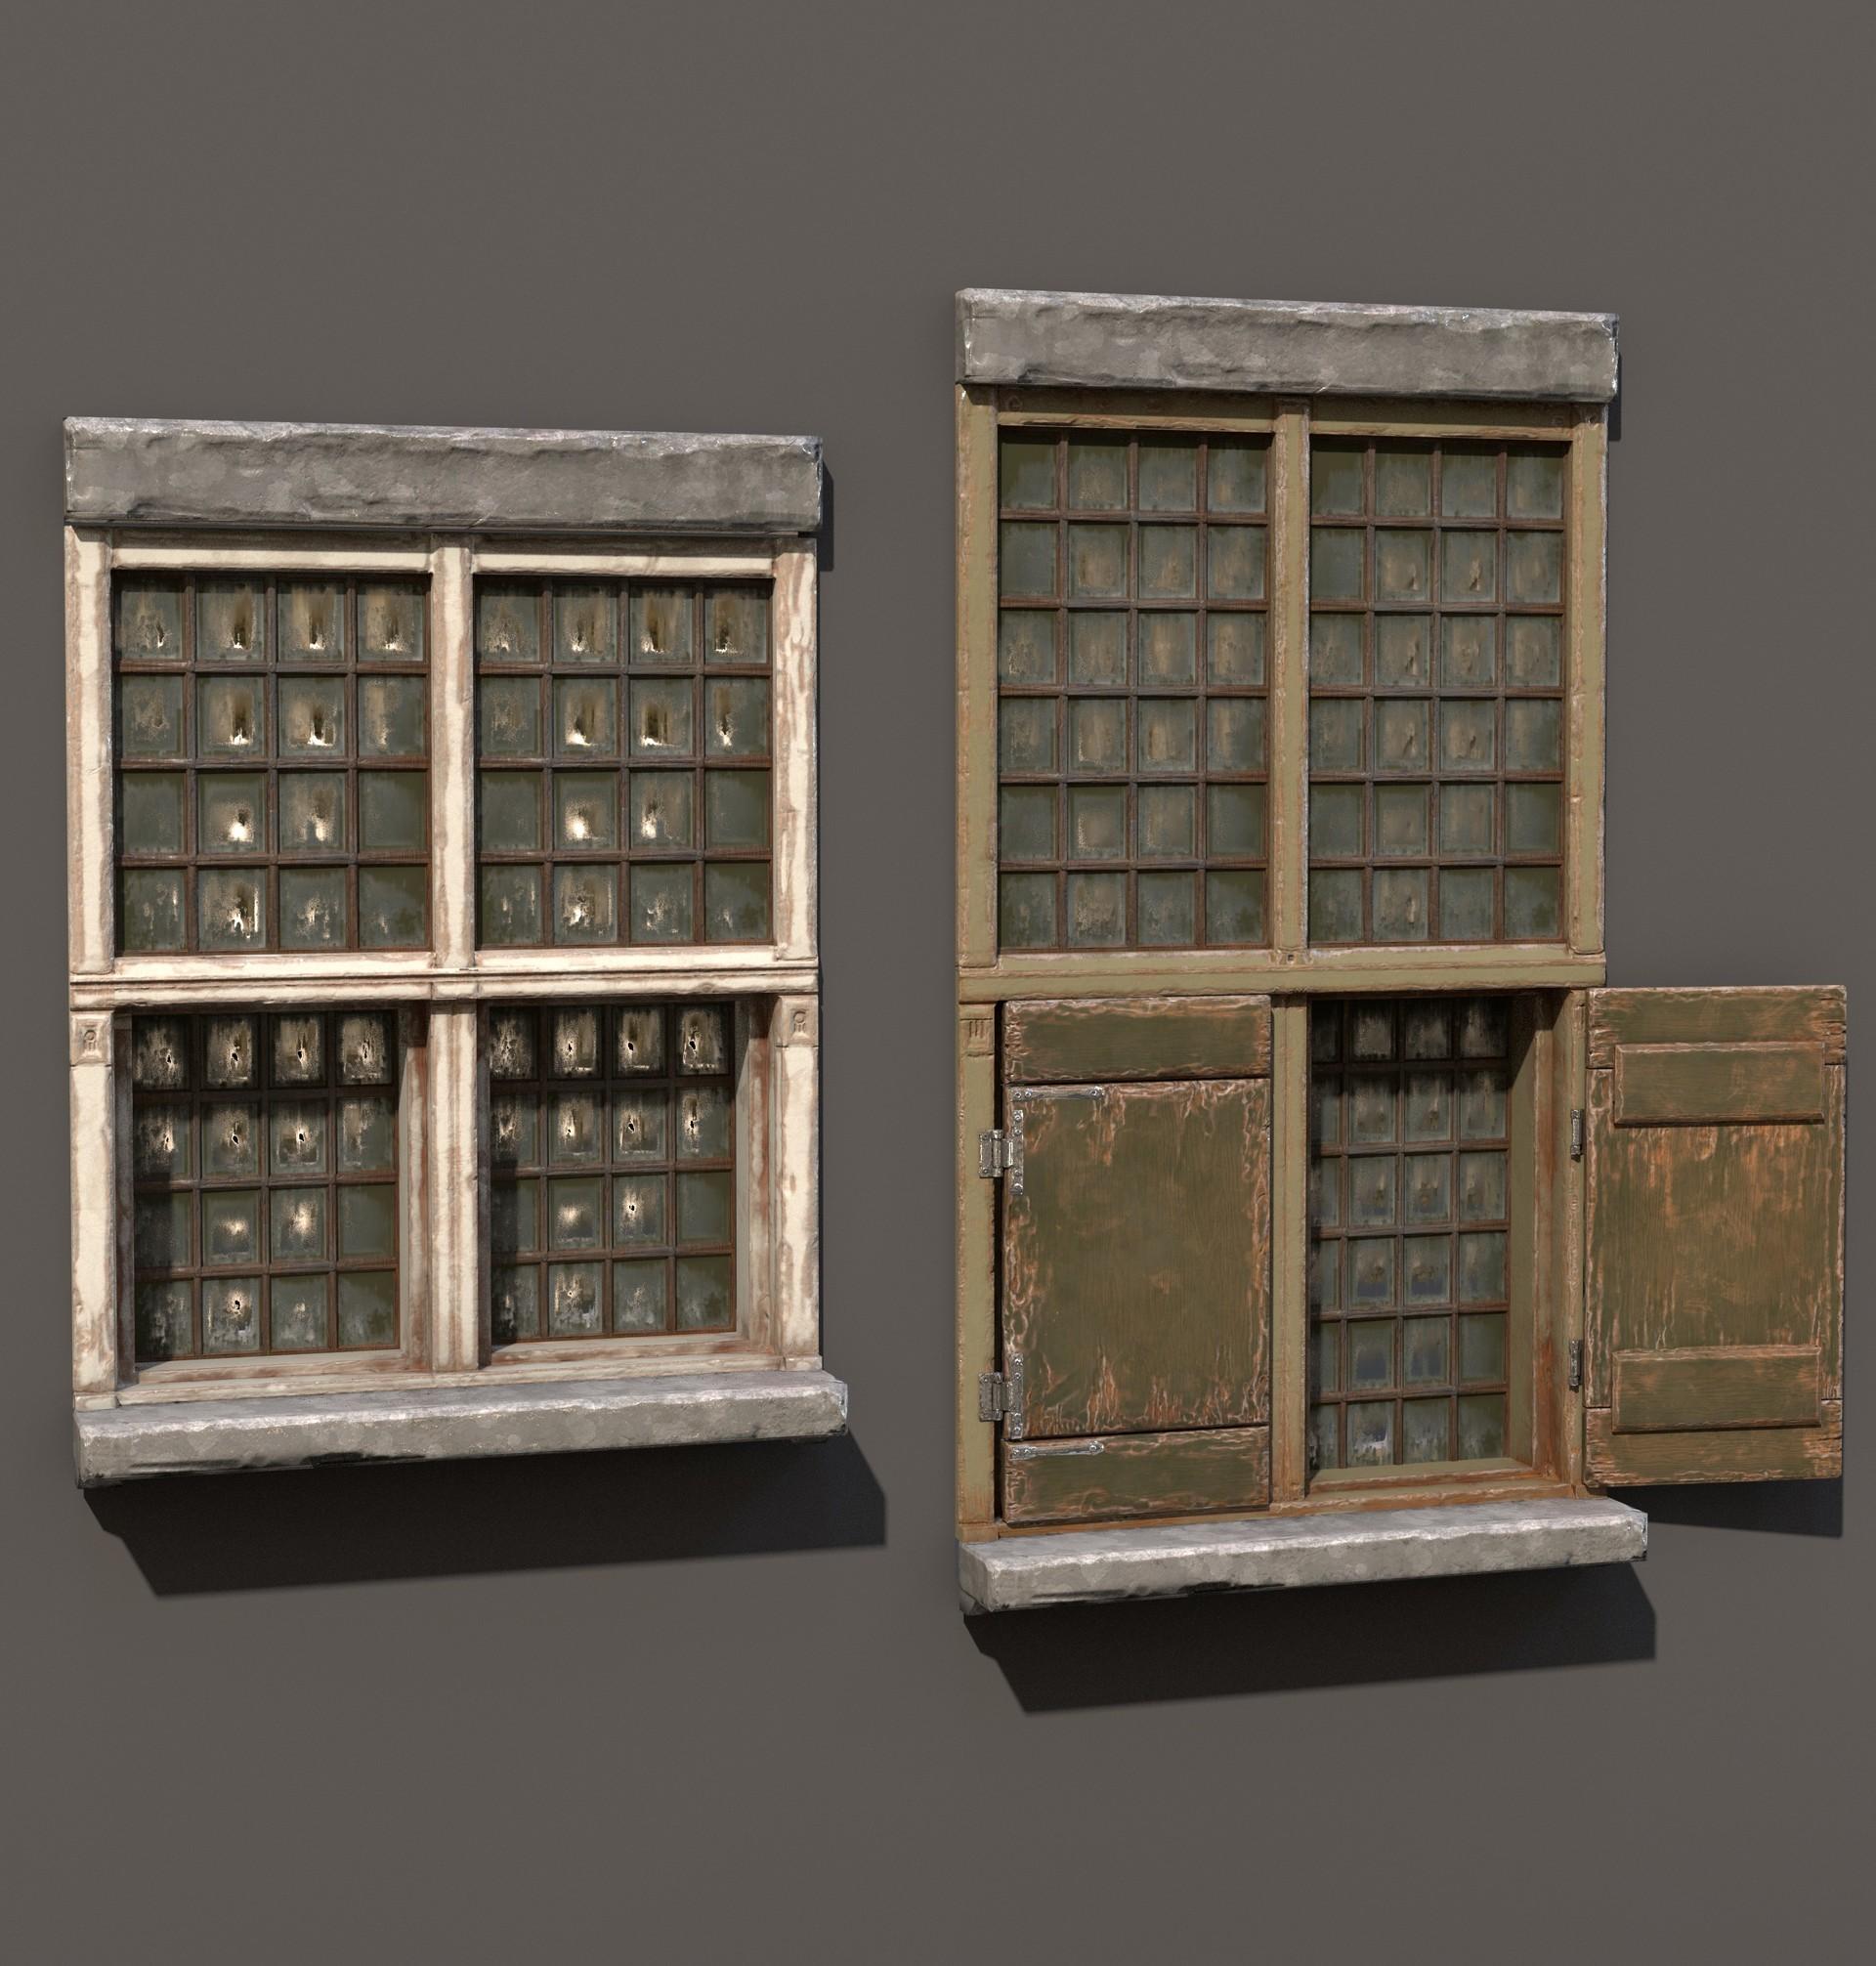 Nicolo zubbini windows3